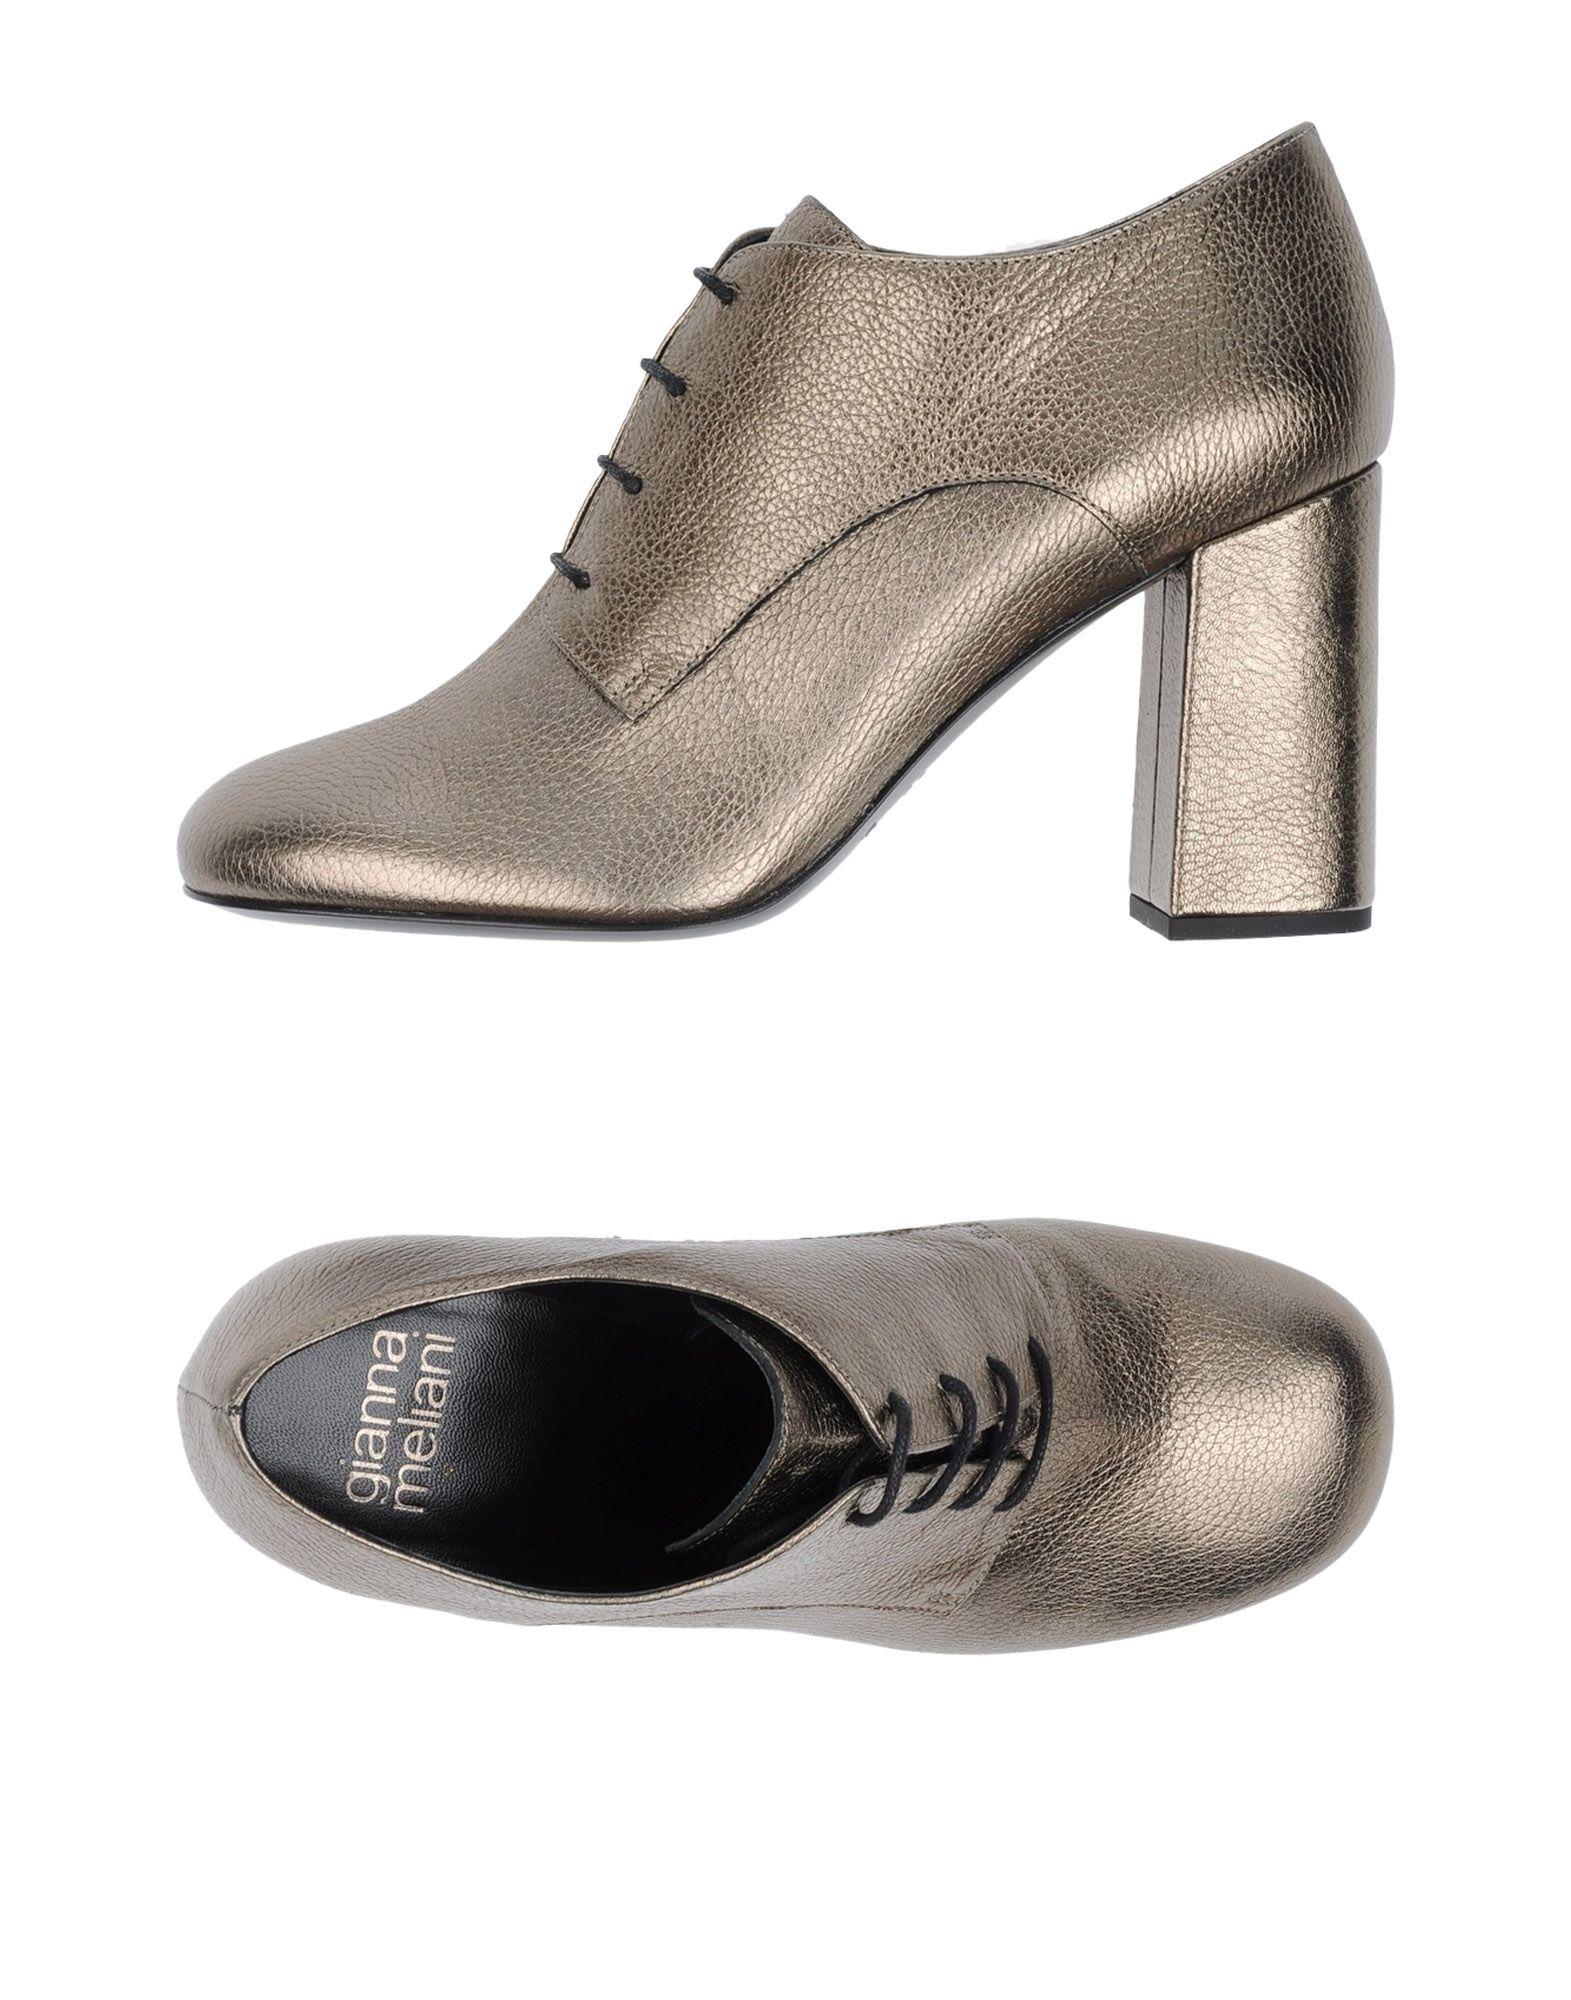 Gianna Meliani Schnürschuhe Damen  11256199DP Gute Qualität beliebte Schuhe